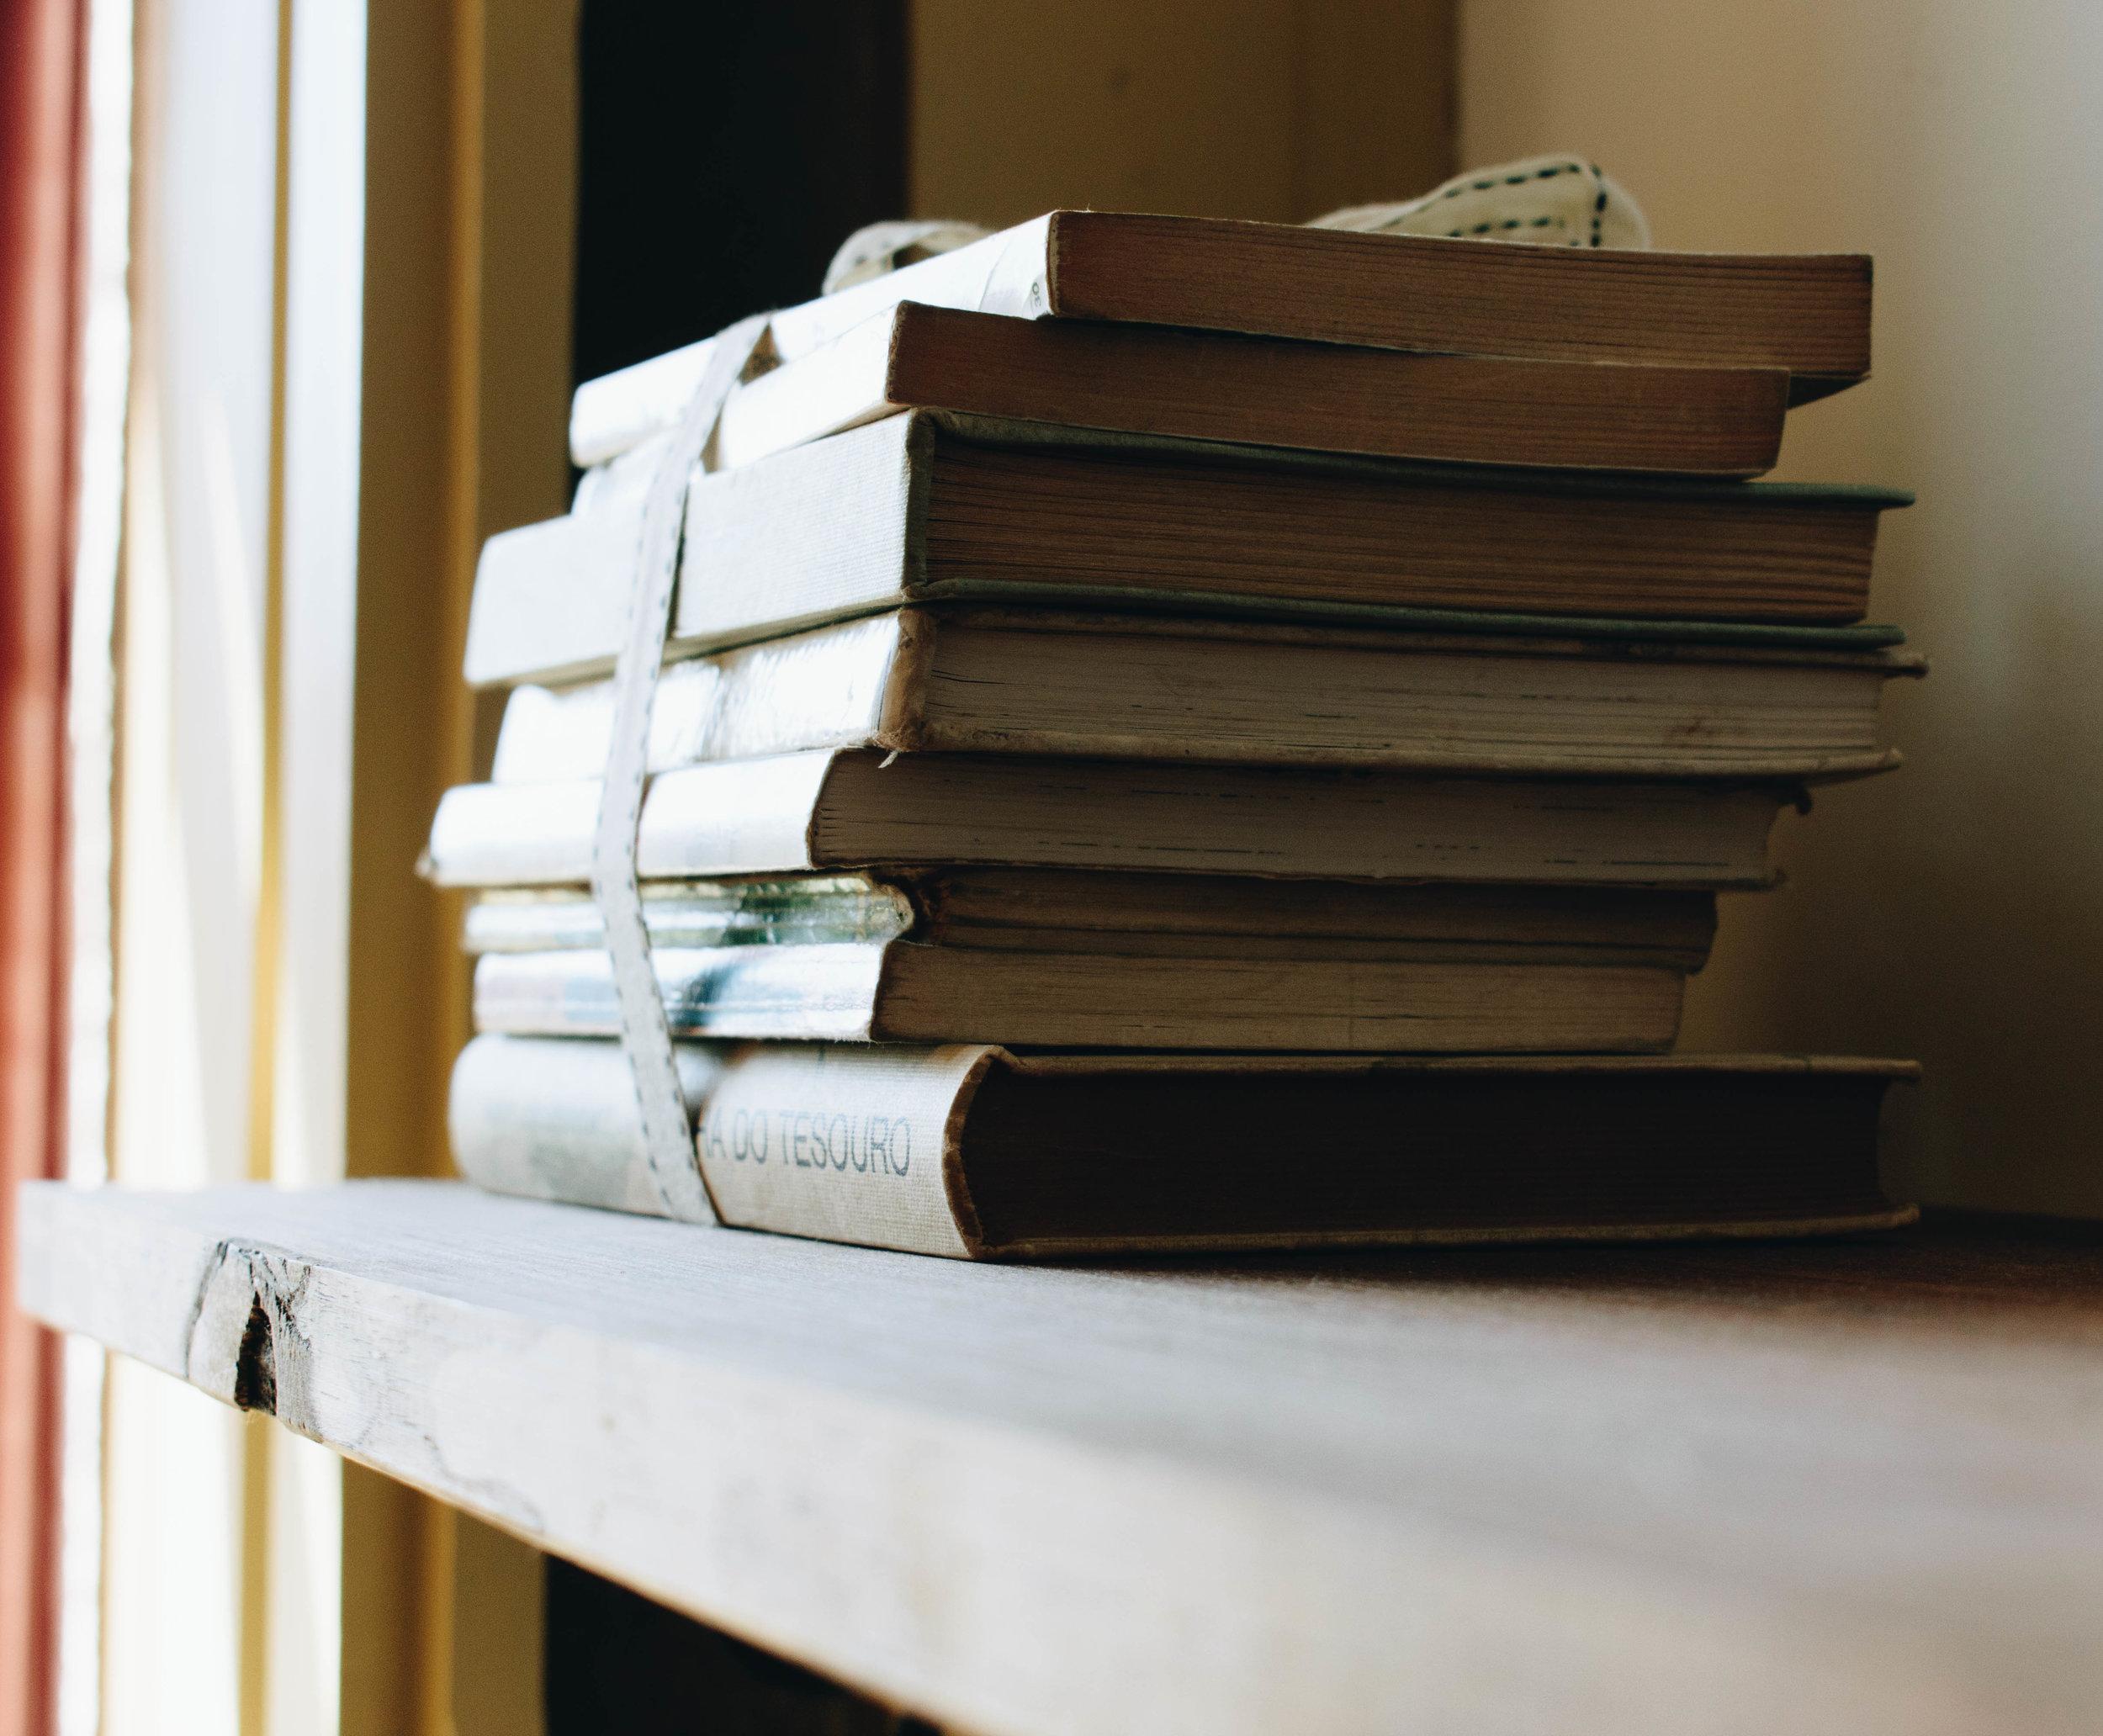 ApartHotel-Oporto-Portugal-Brown-Leather-Book